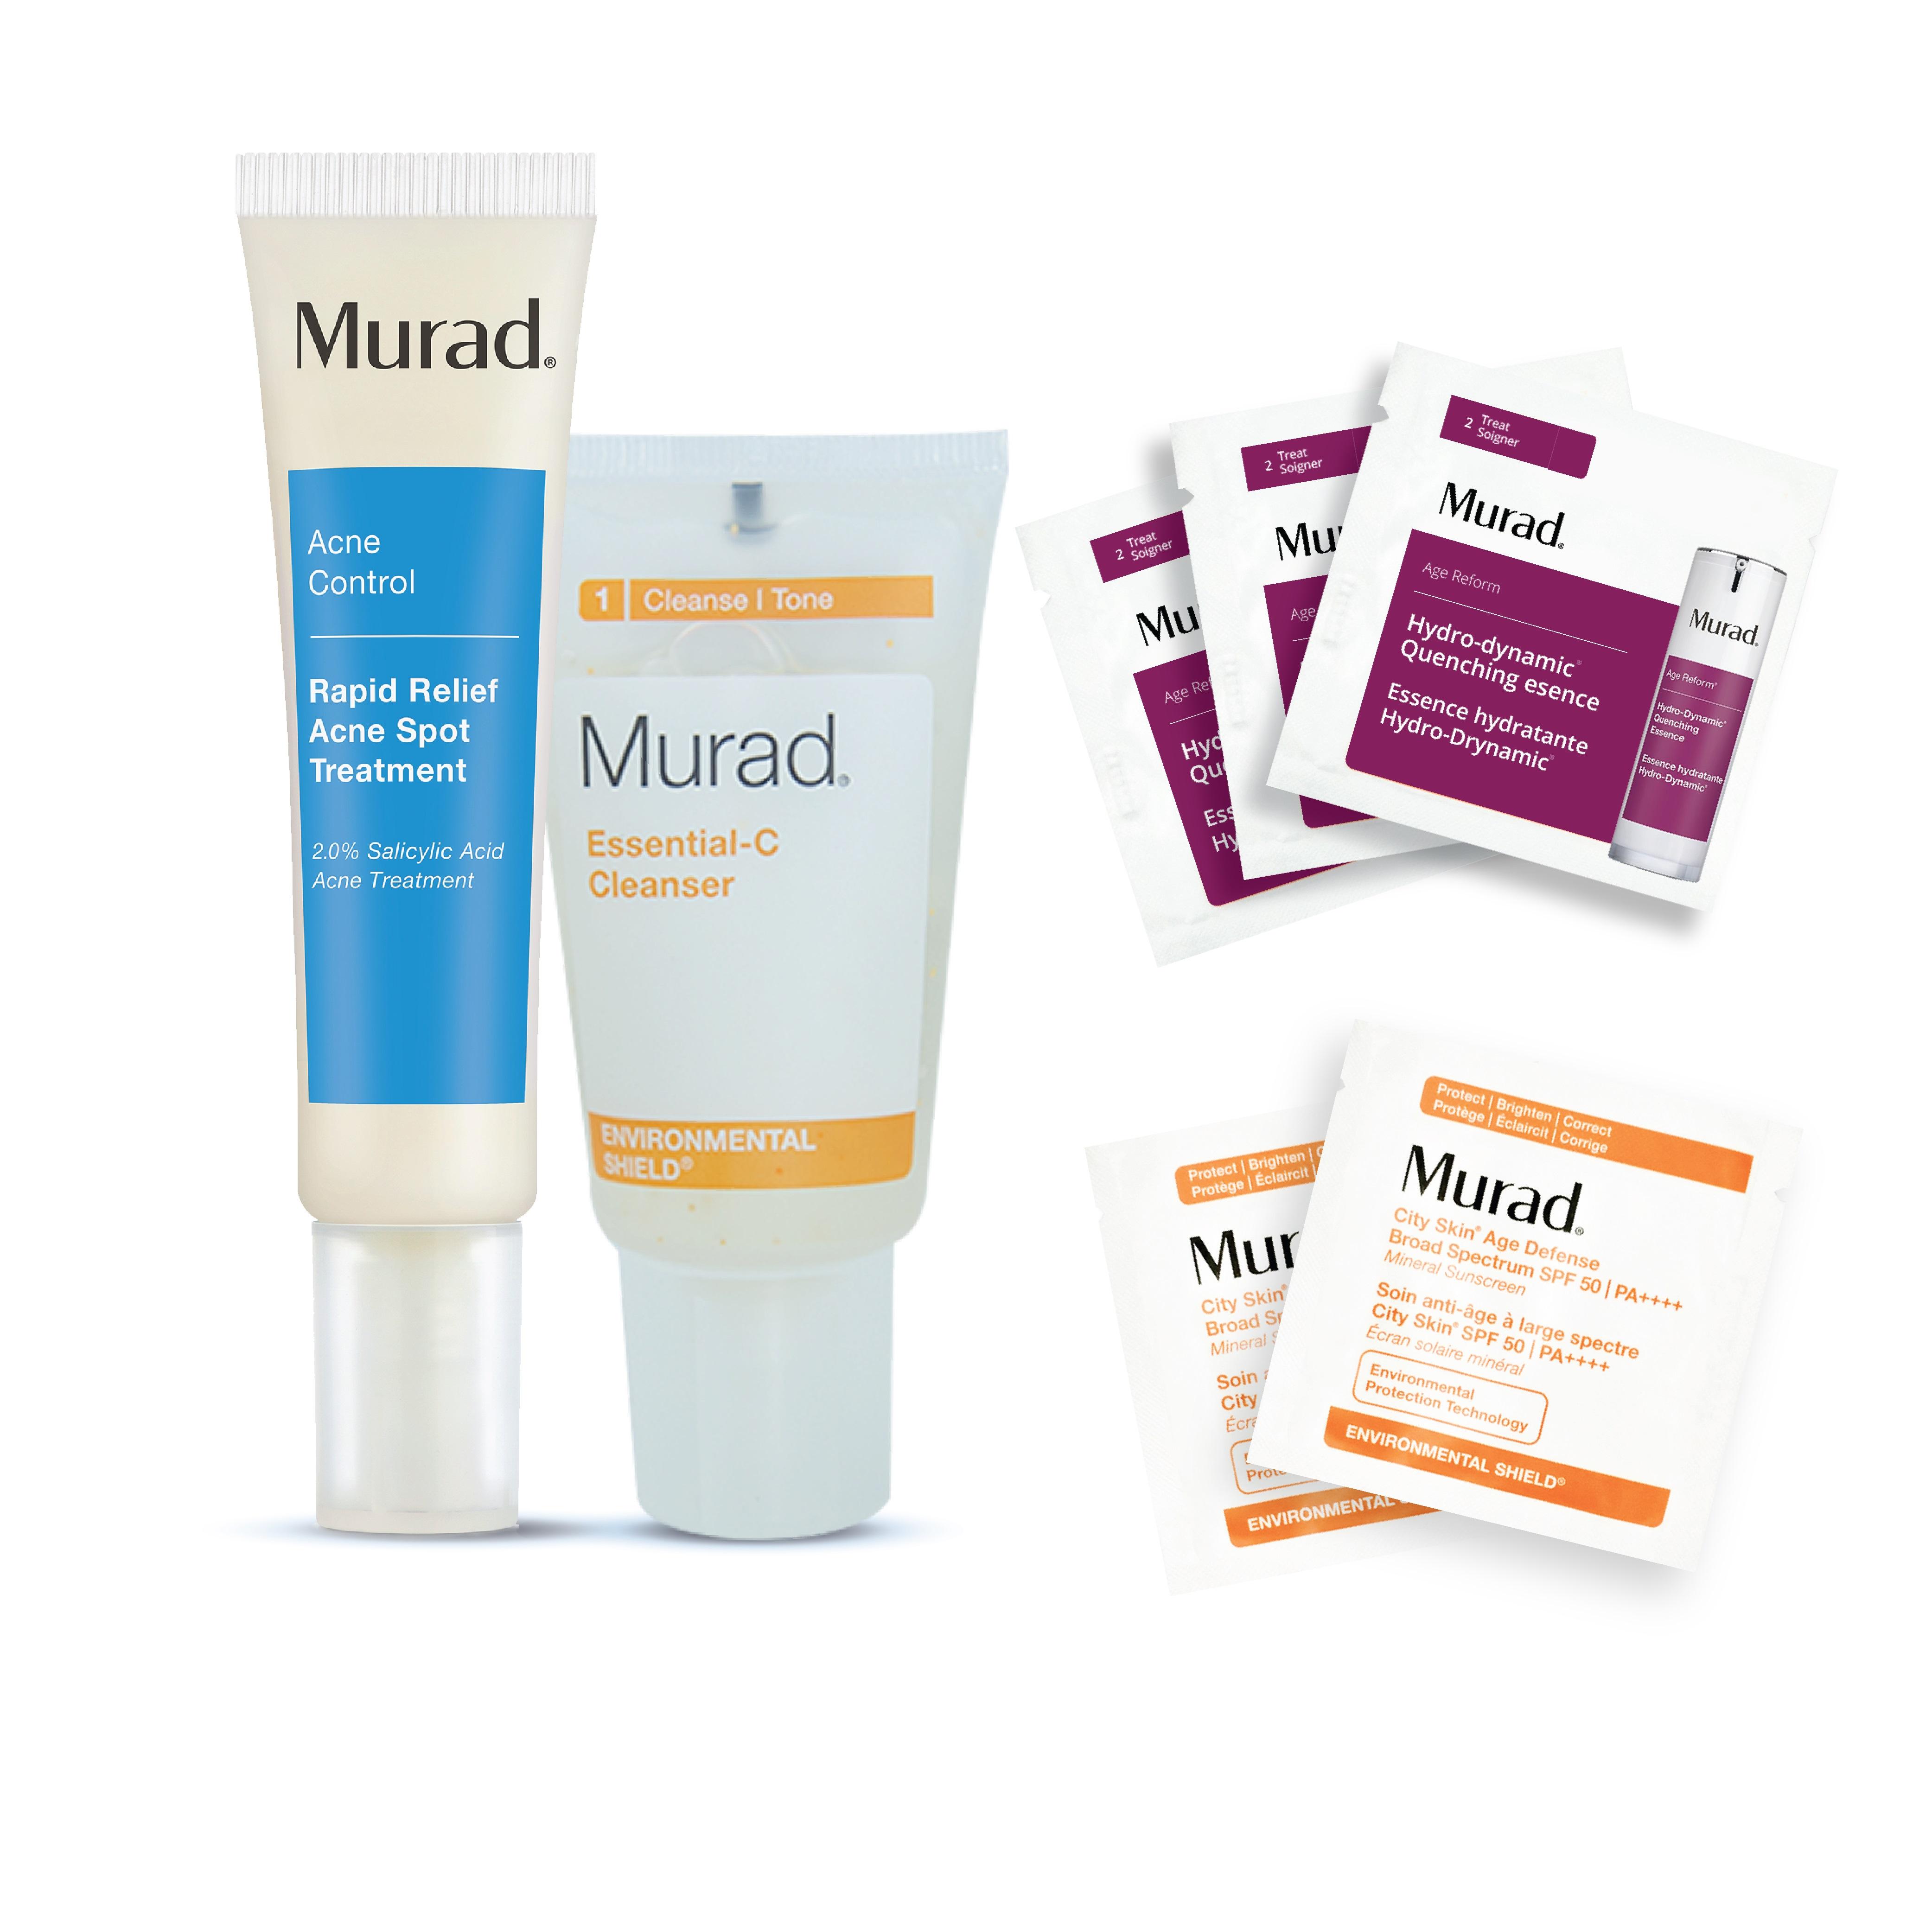 Bộ trị mụn - loại bỏ tạp chất, tăng cường dưỡng ẩm Murad